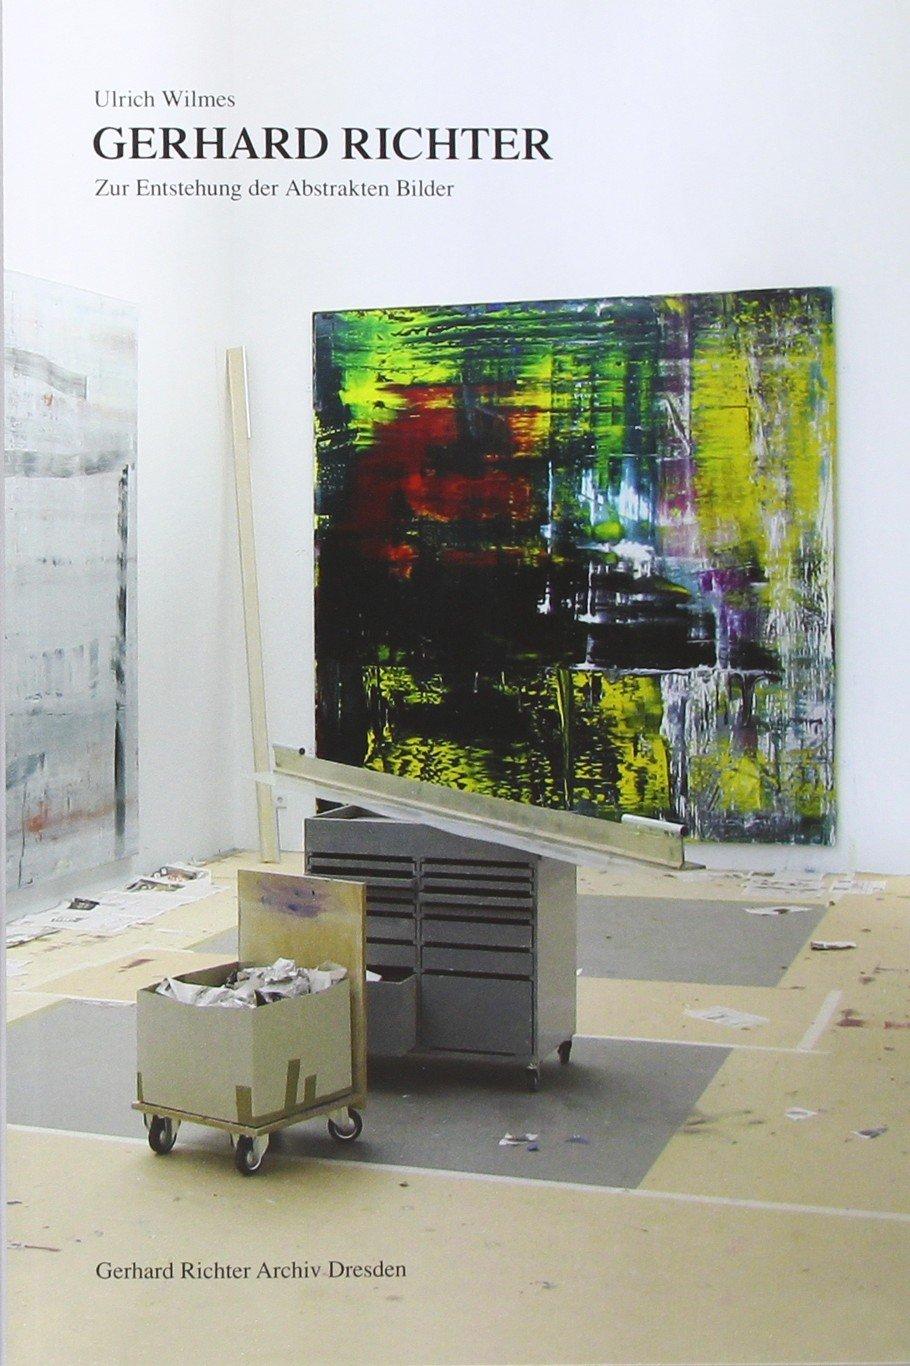 Ulrich Wilmes. Gerhard Richter. Zur Entstehung der Abstrakten Bilder